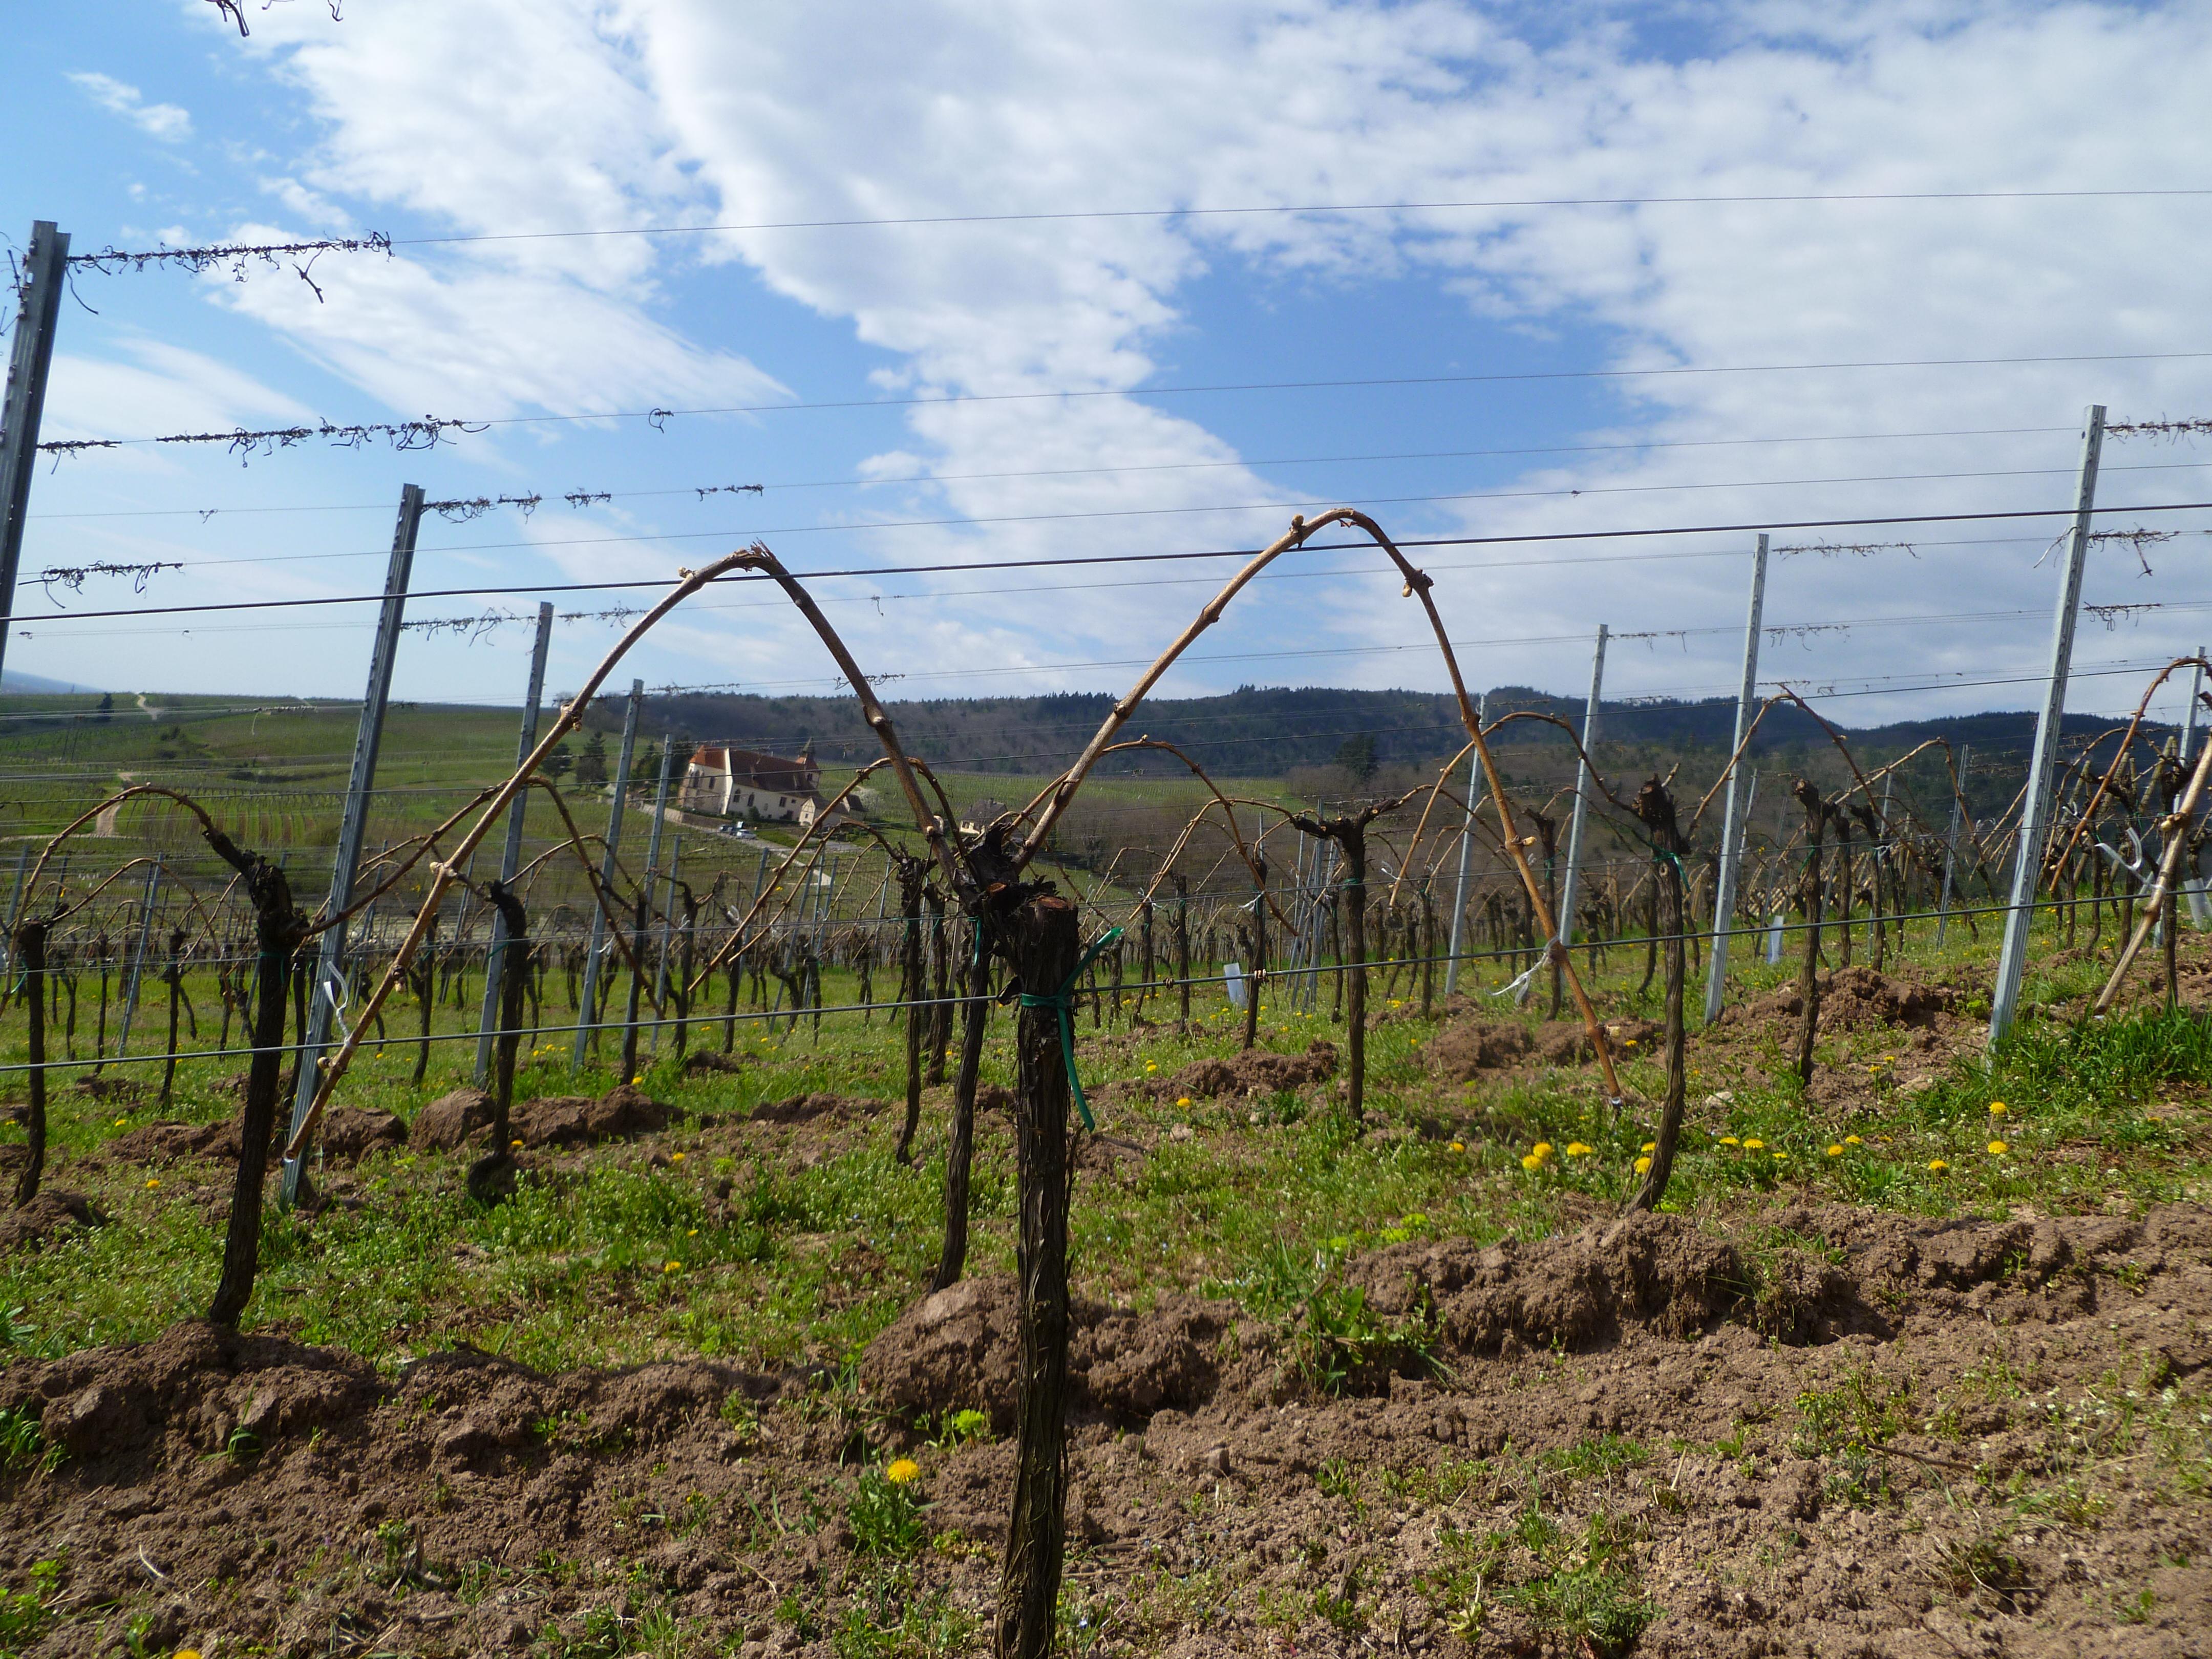 Les vignes sont arquées